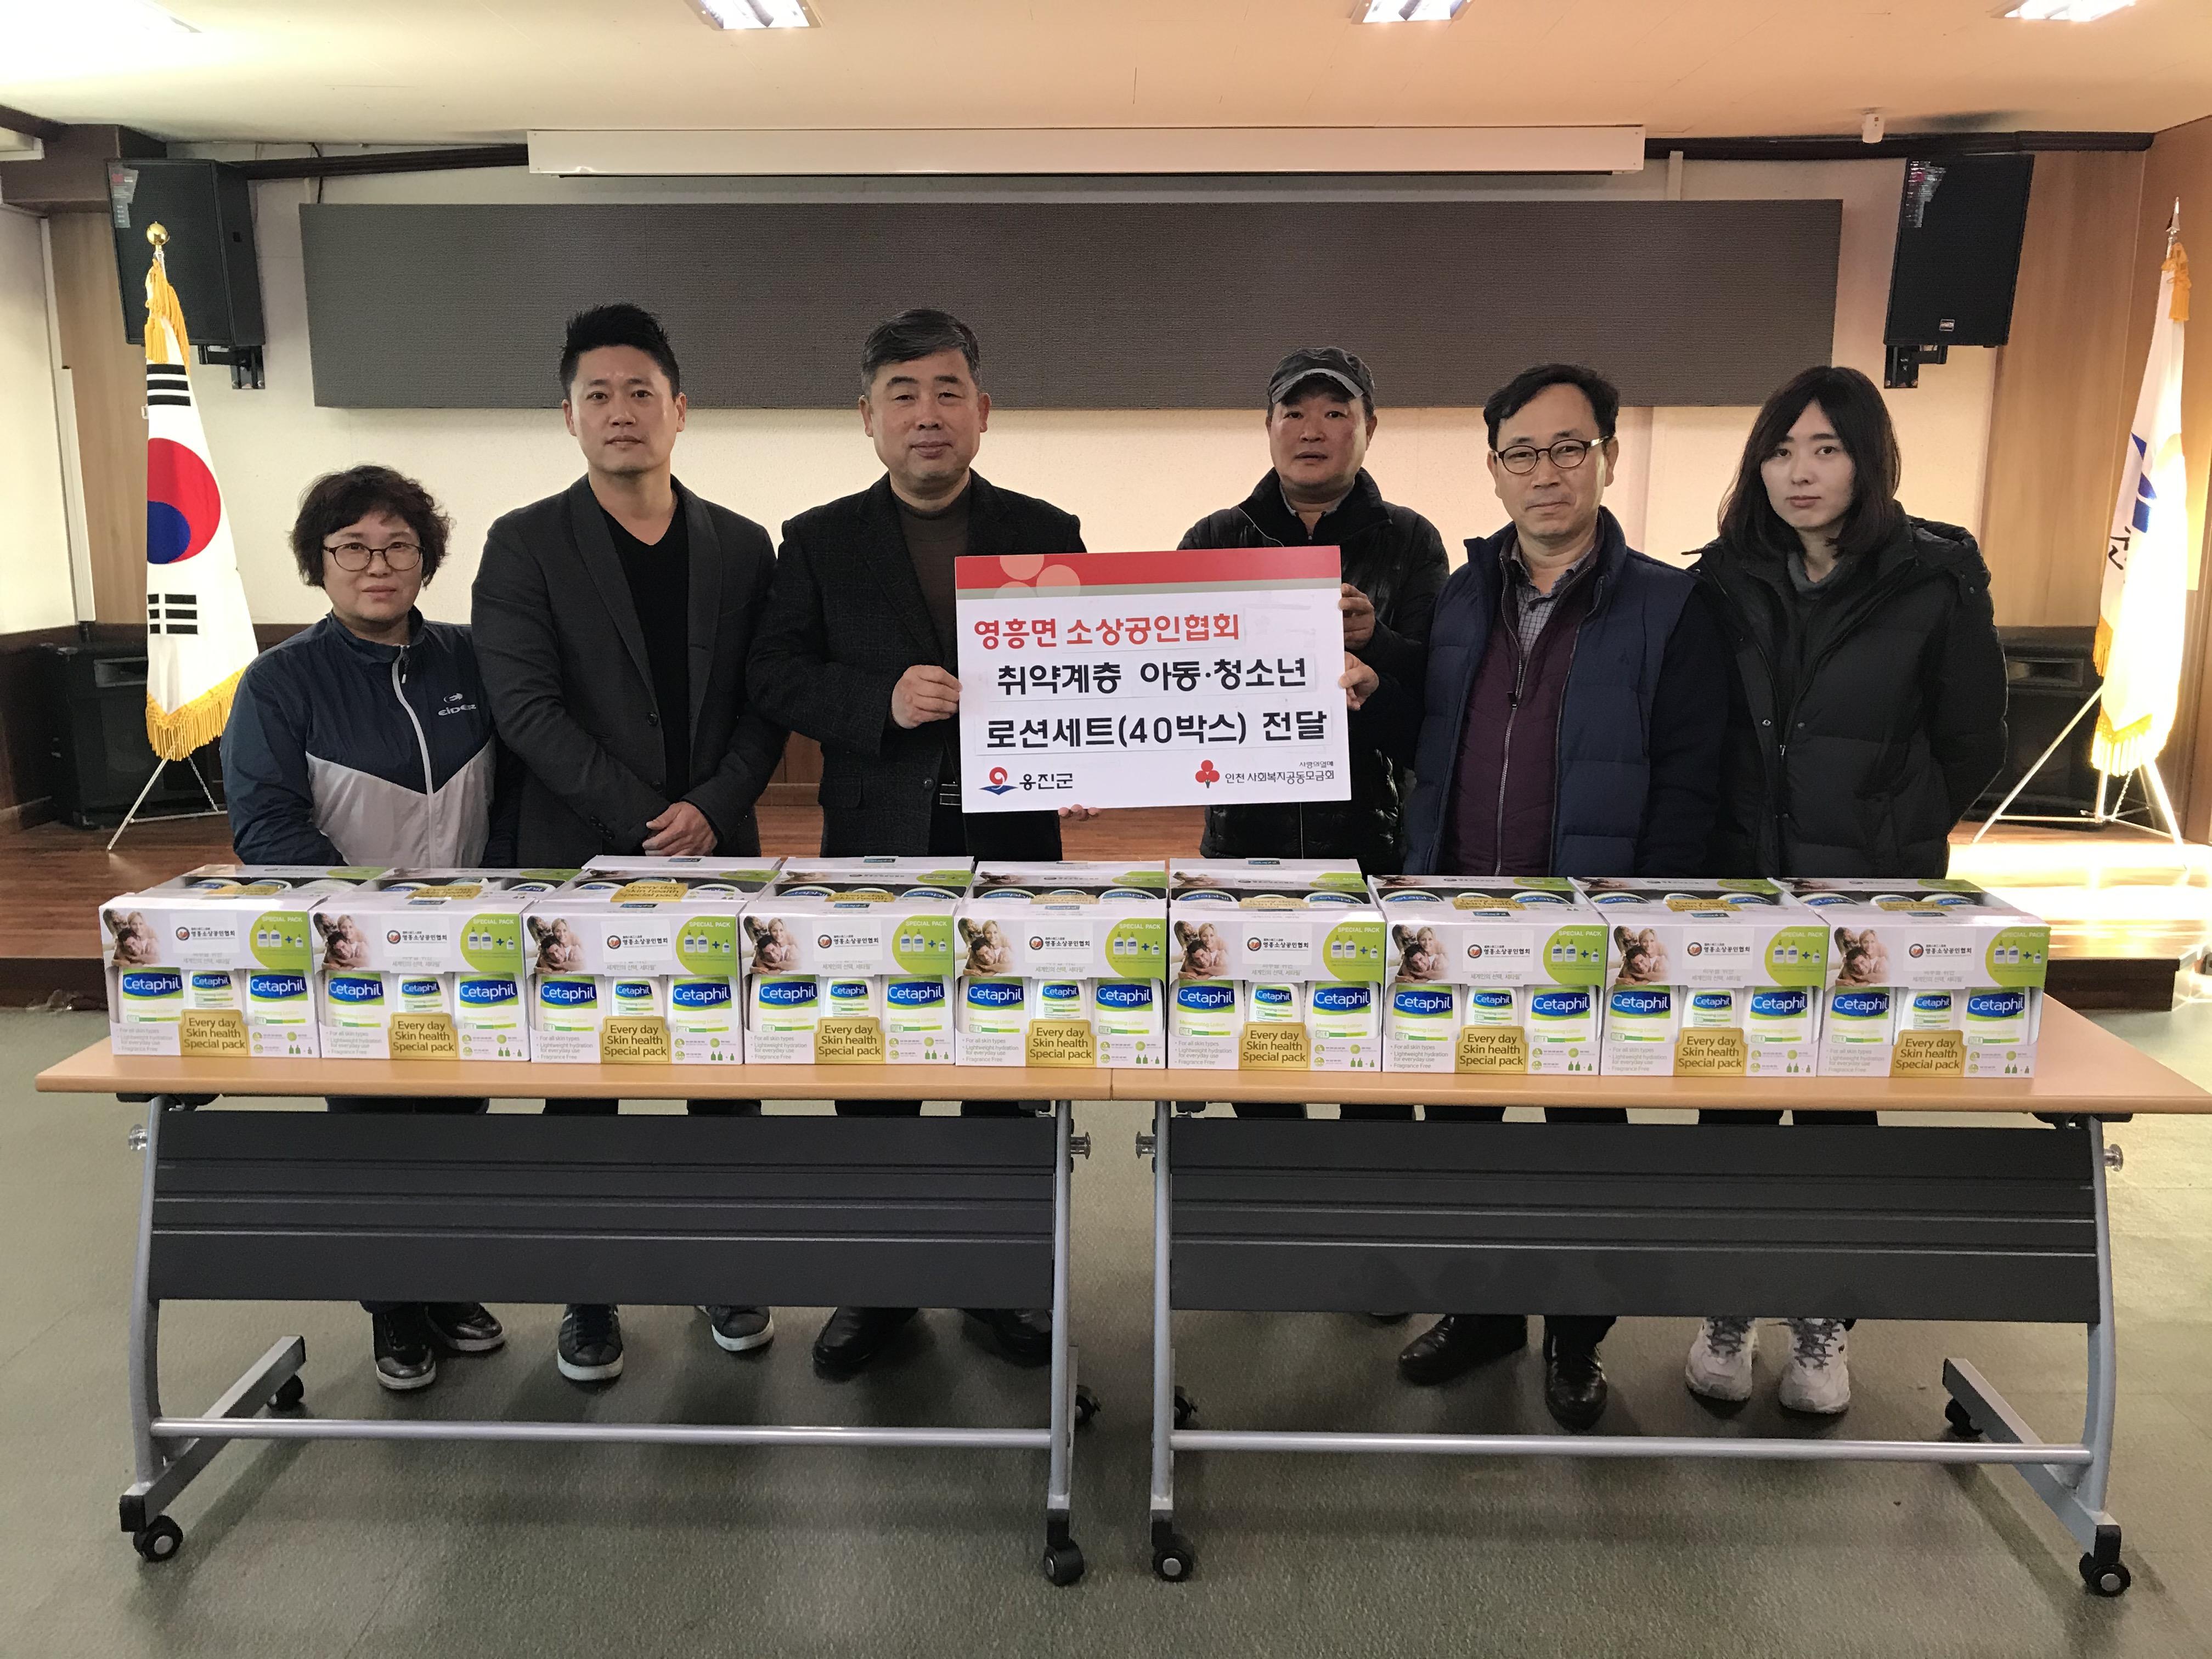 영흥소상공인협회, 영흥면에 이웃사랑 물품 기탁